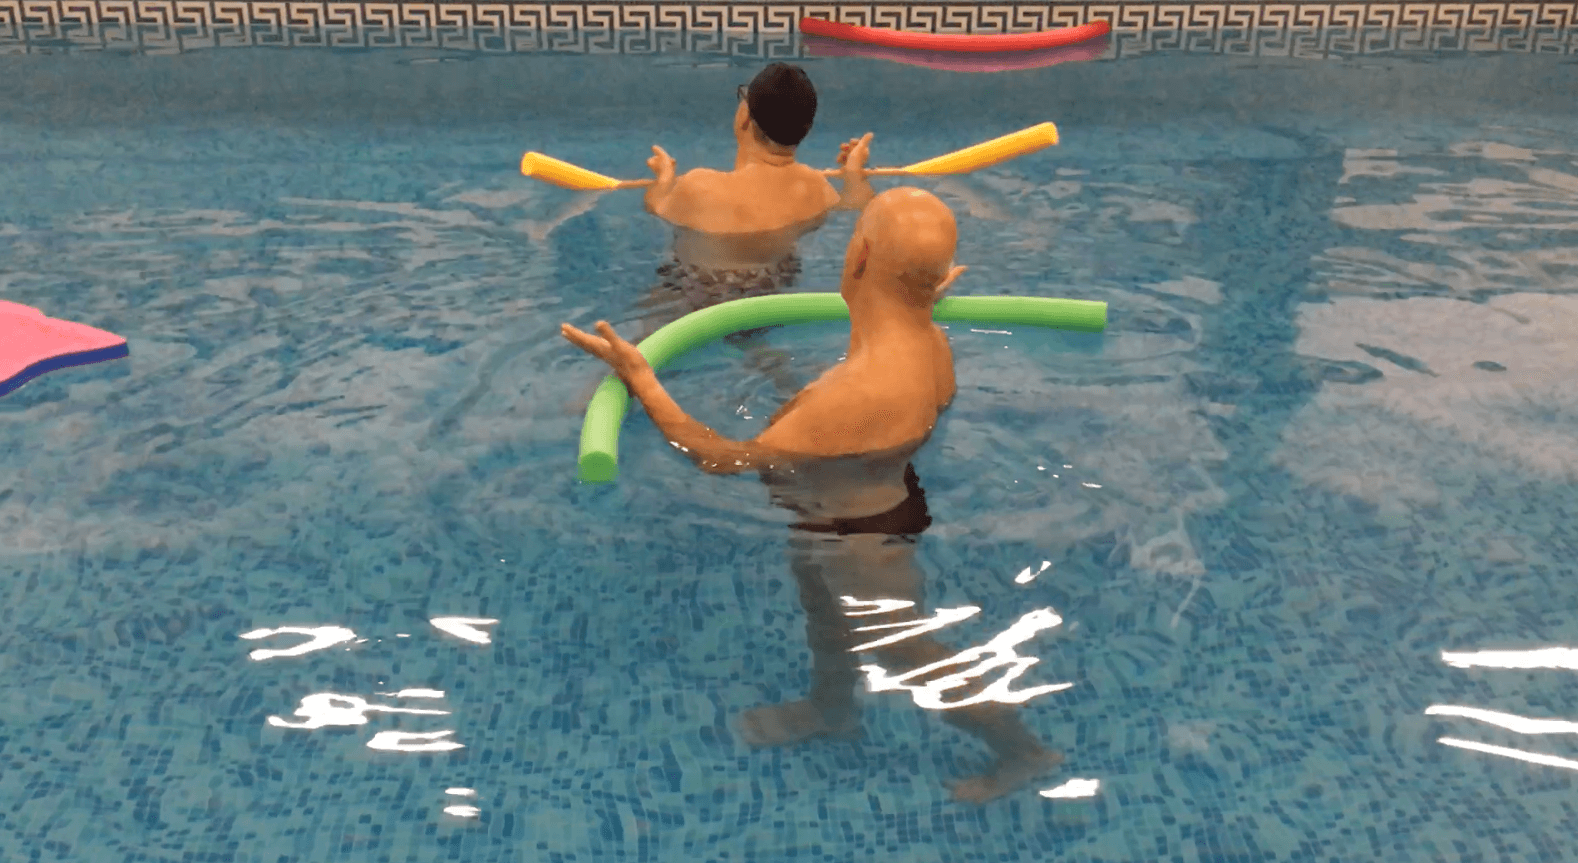 L'esperienza del progetto Aquasalus nella piscina terapeutica del Centro Benedetto Acquarone